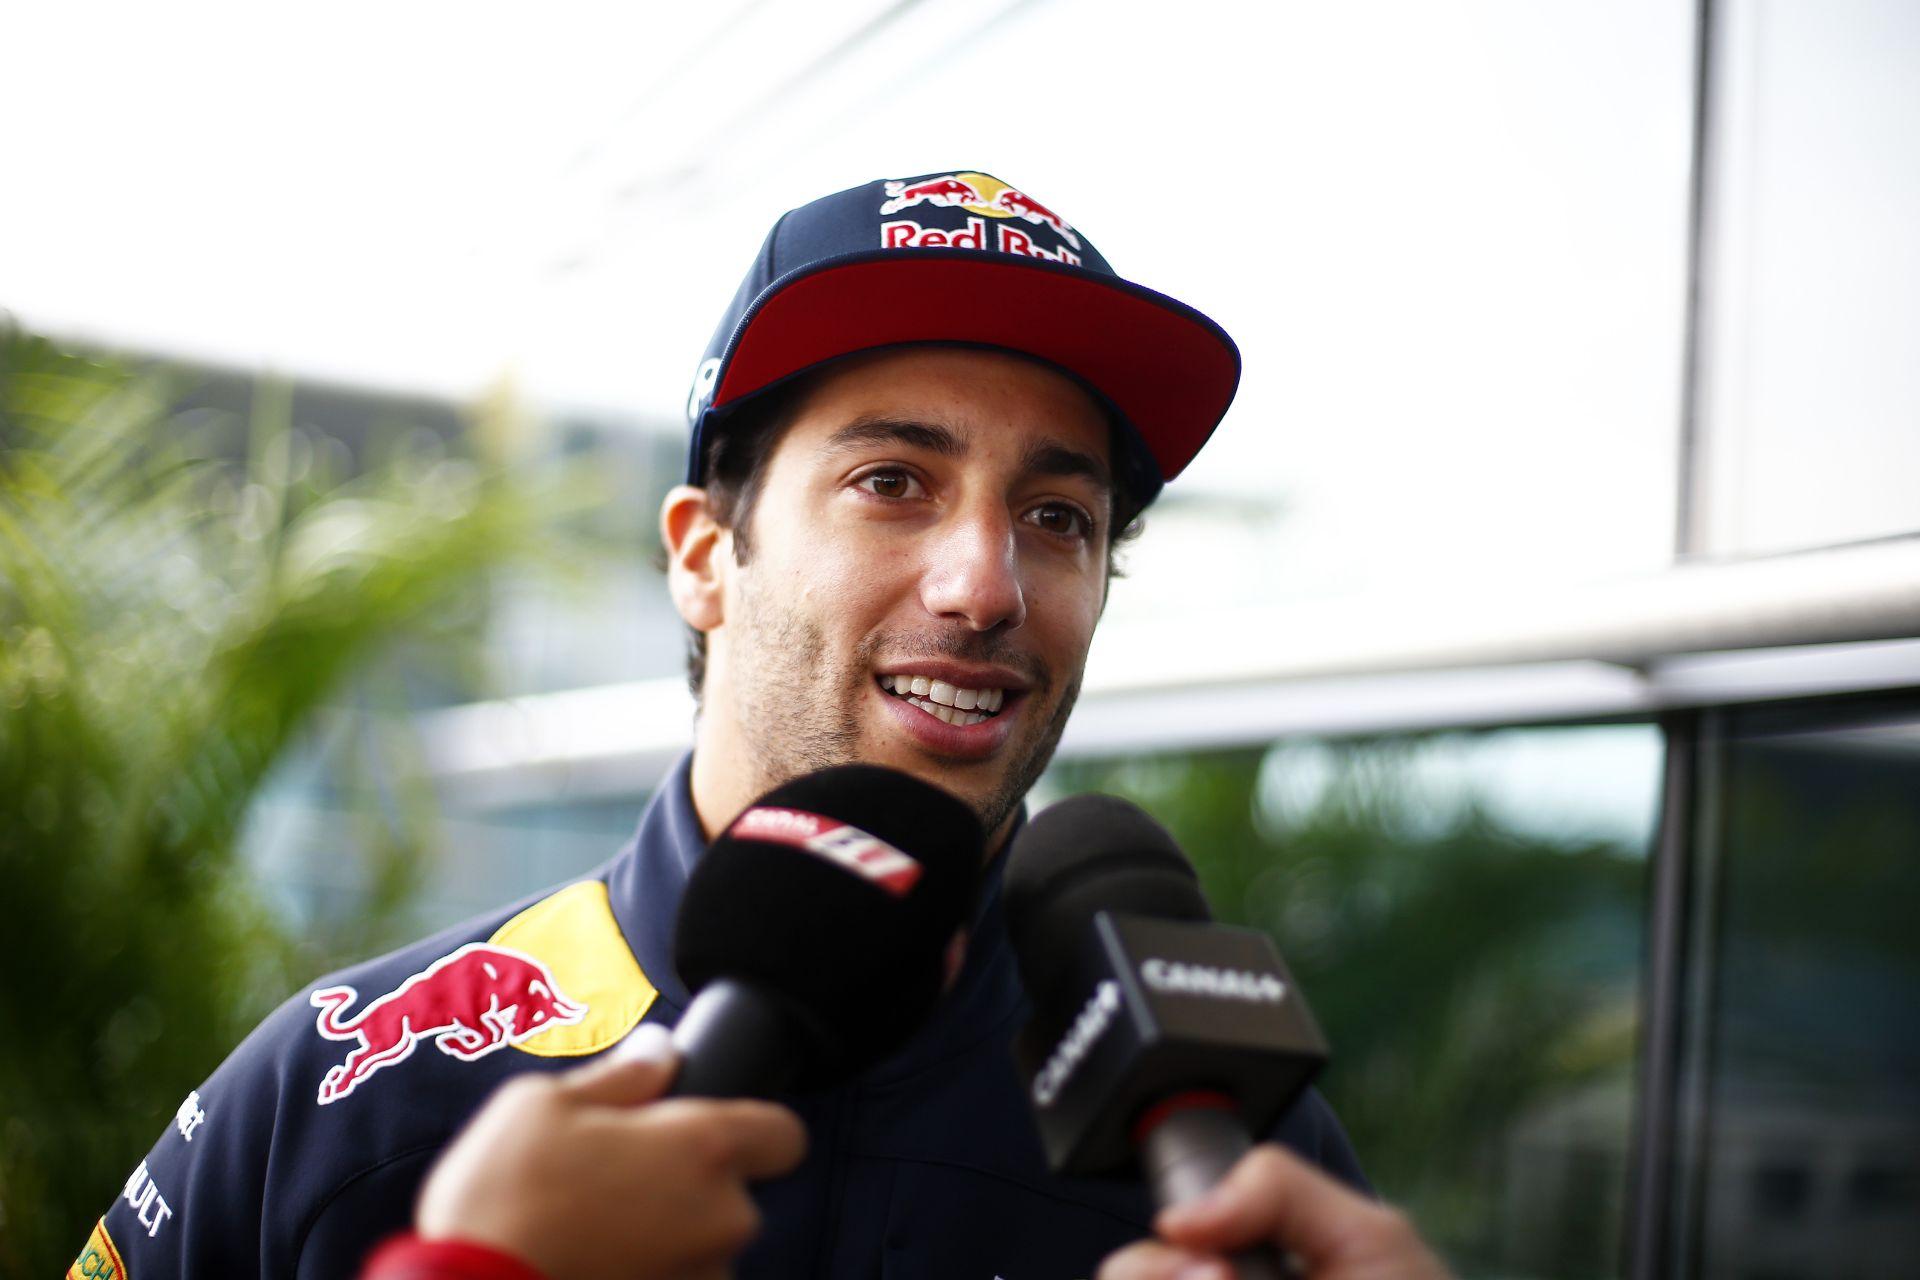 Ricciardo kiakadt a Red Bullra: Ő is nyerni akar, ahogy Vettel a Ferrarival!